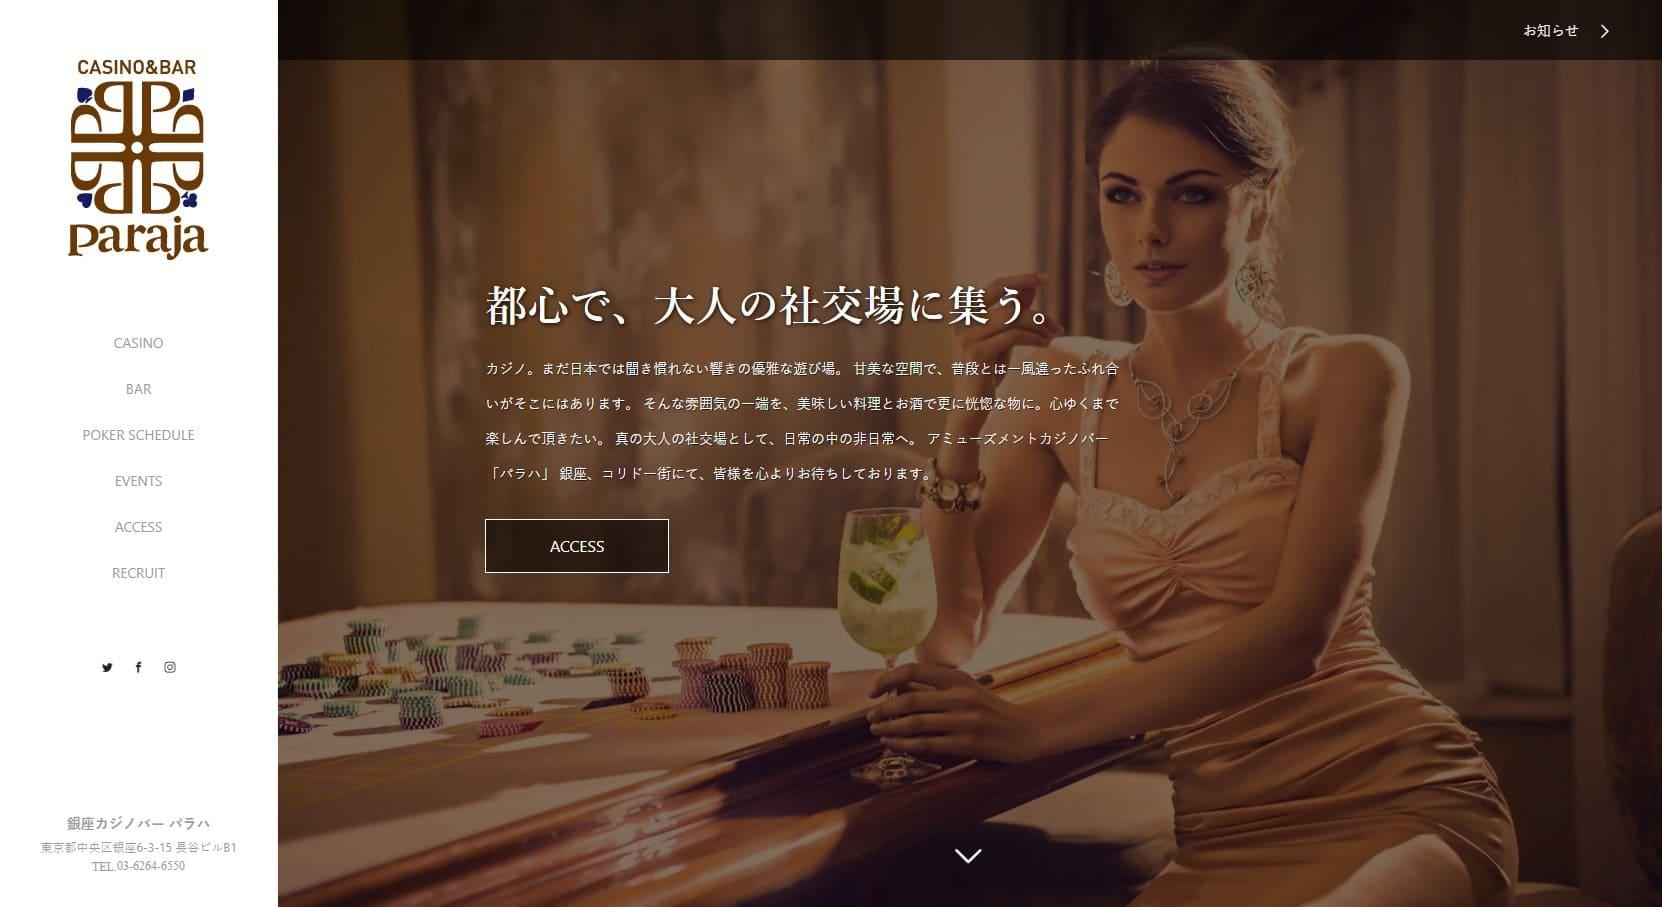 銀座カジノバーパラハのウェブサイト画像。